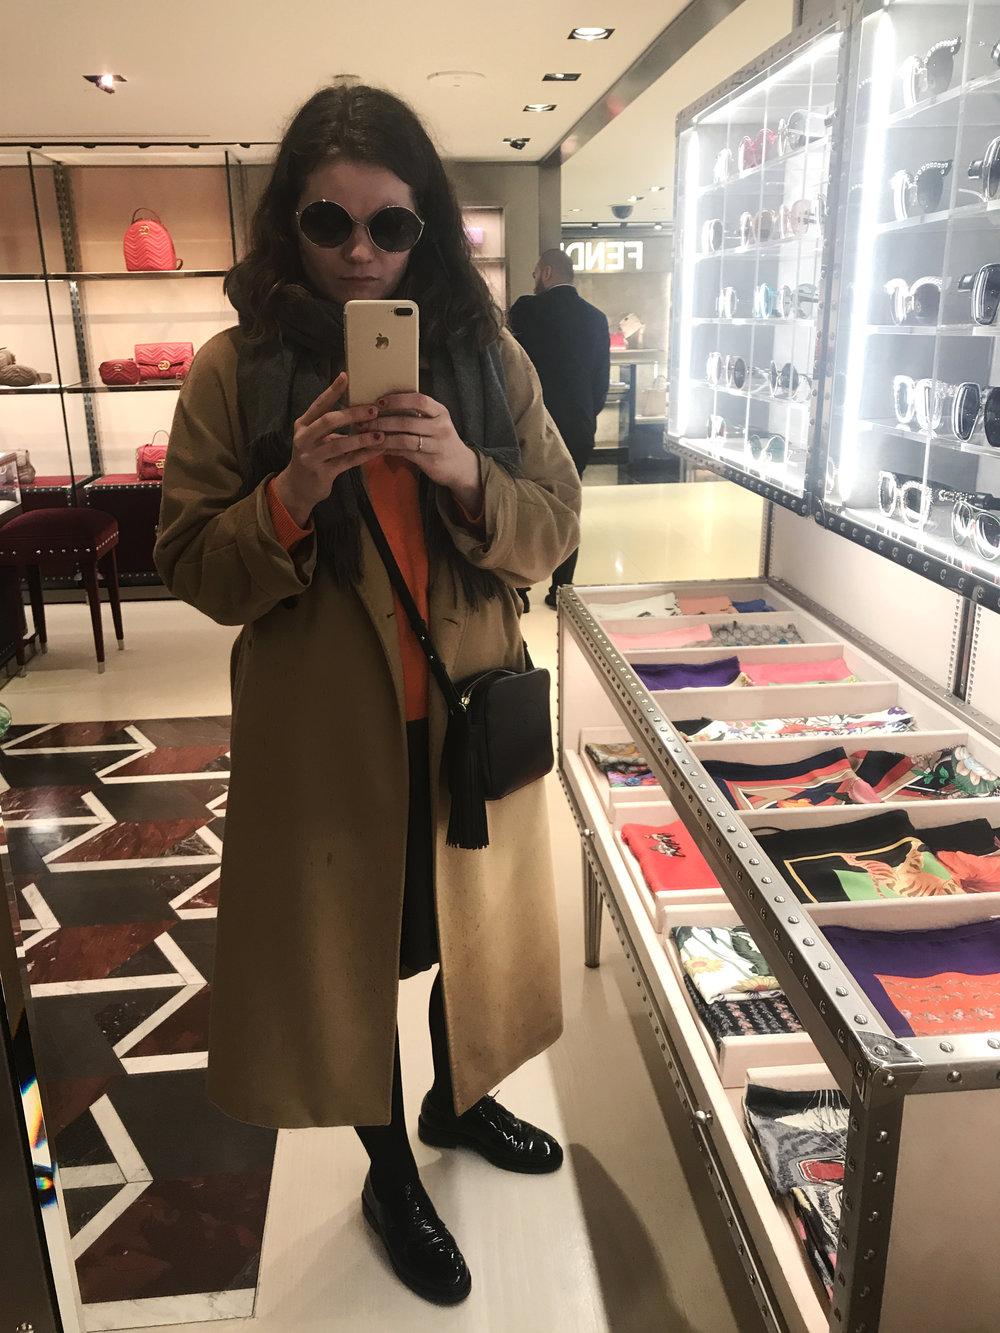 Lempitakissa, lempikengissä ja lempilaukun kera Milanossa sovittelemassa aurinkolaseja (en ostanut). Neule oli minulle tyypillinen tyhmä hutiostos: ostin sen koska se oli 100 % kasmiria ja tosi hyvässä alessa. Tästedes ei riitä perusteluksi.